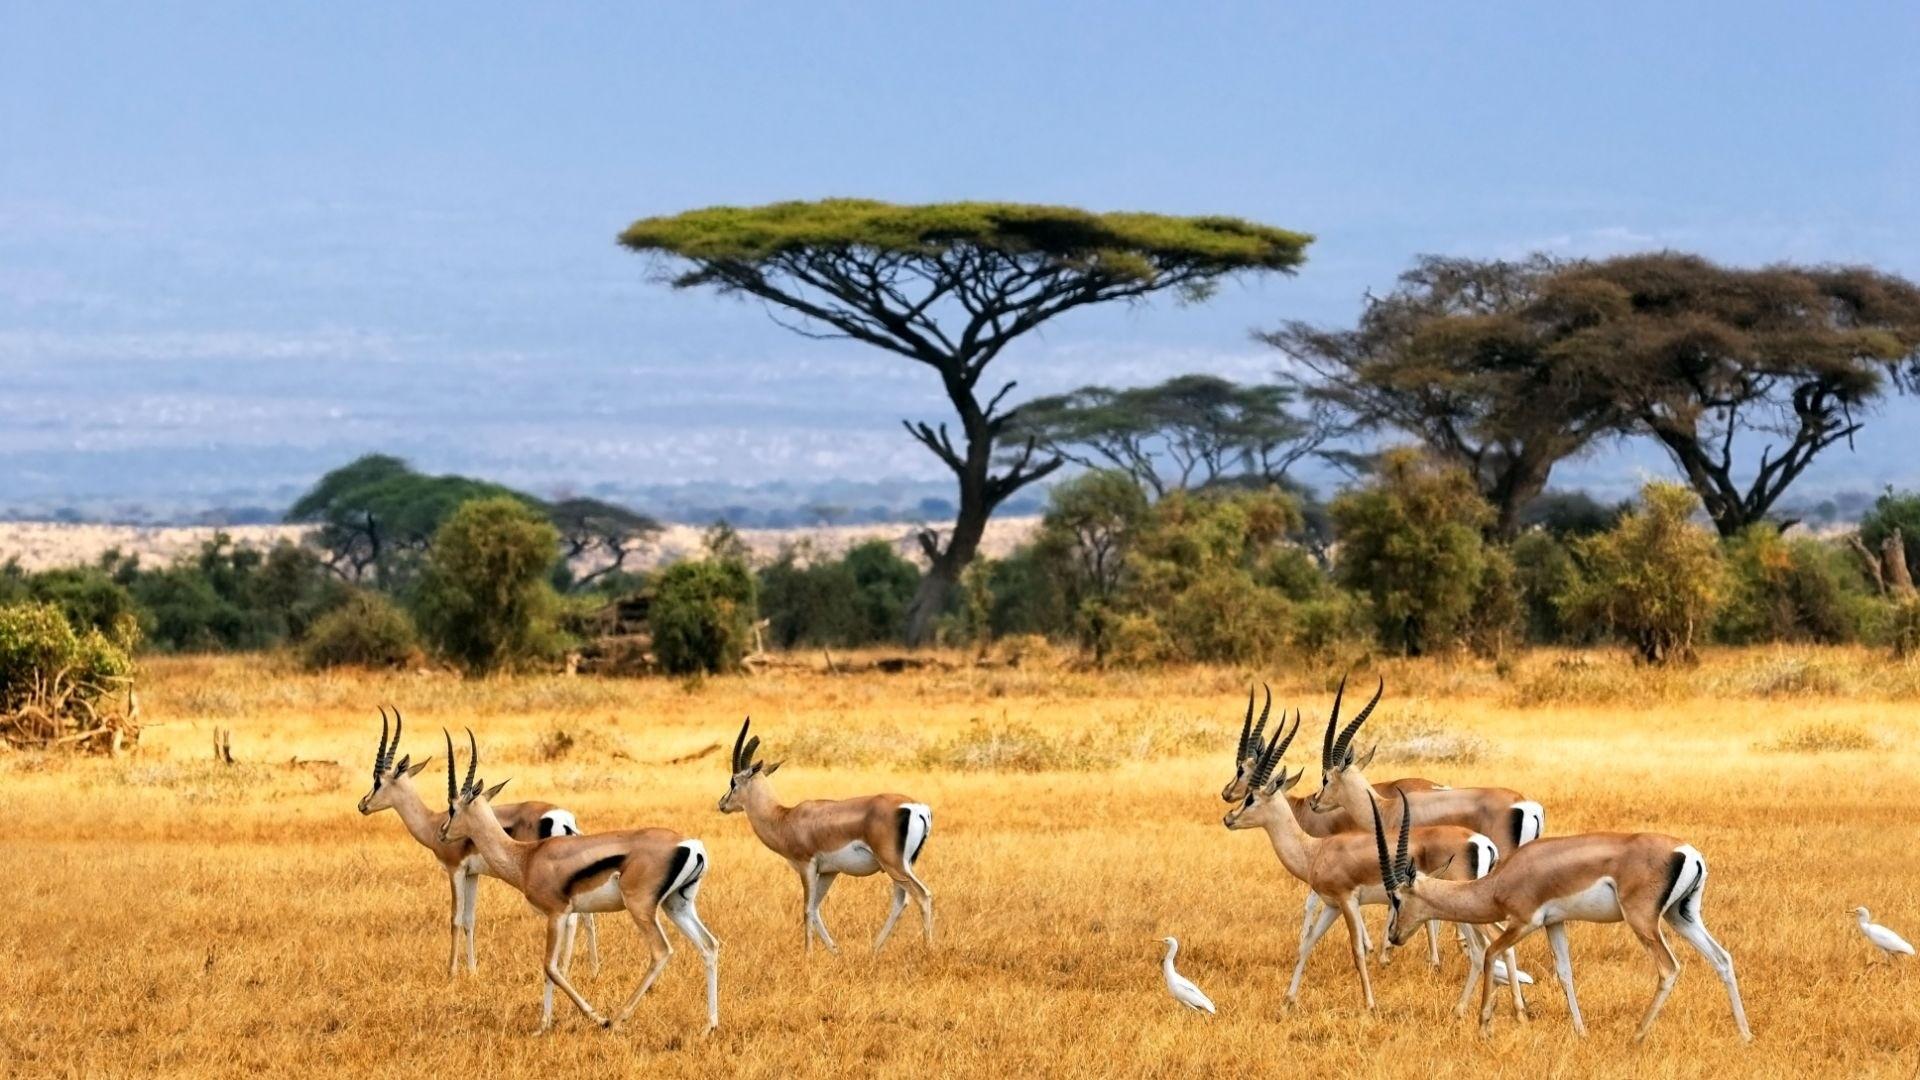 Africa wallpaper photo hd